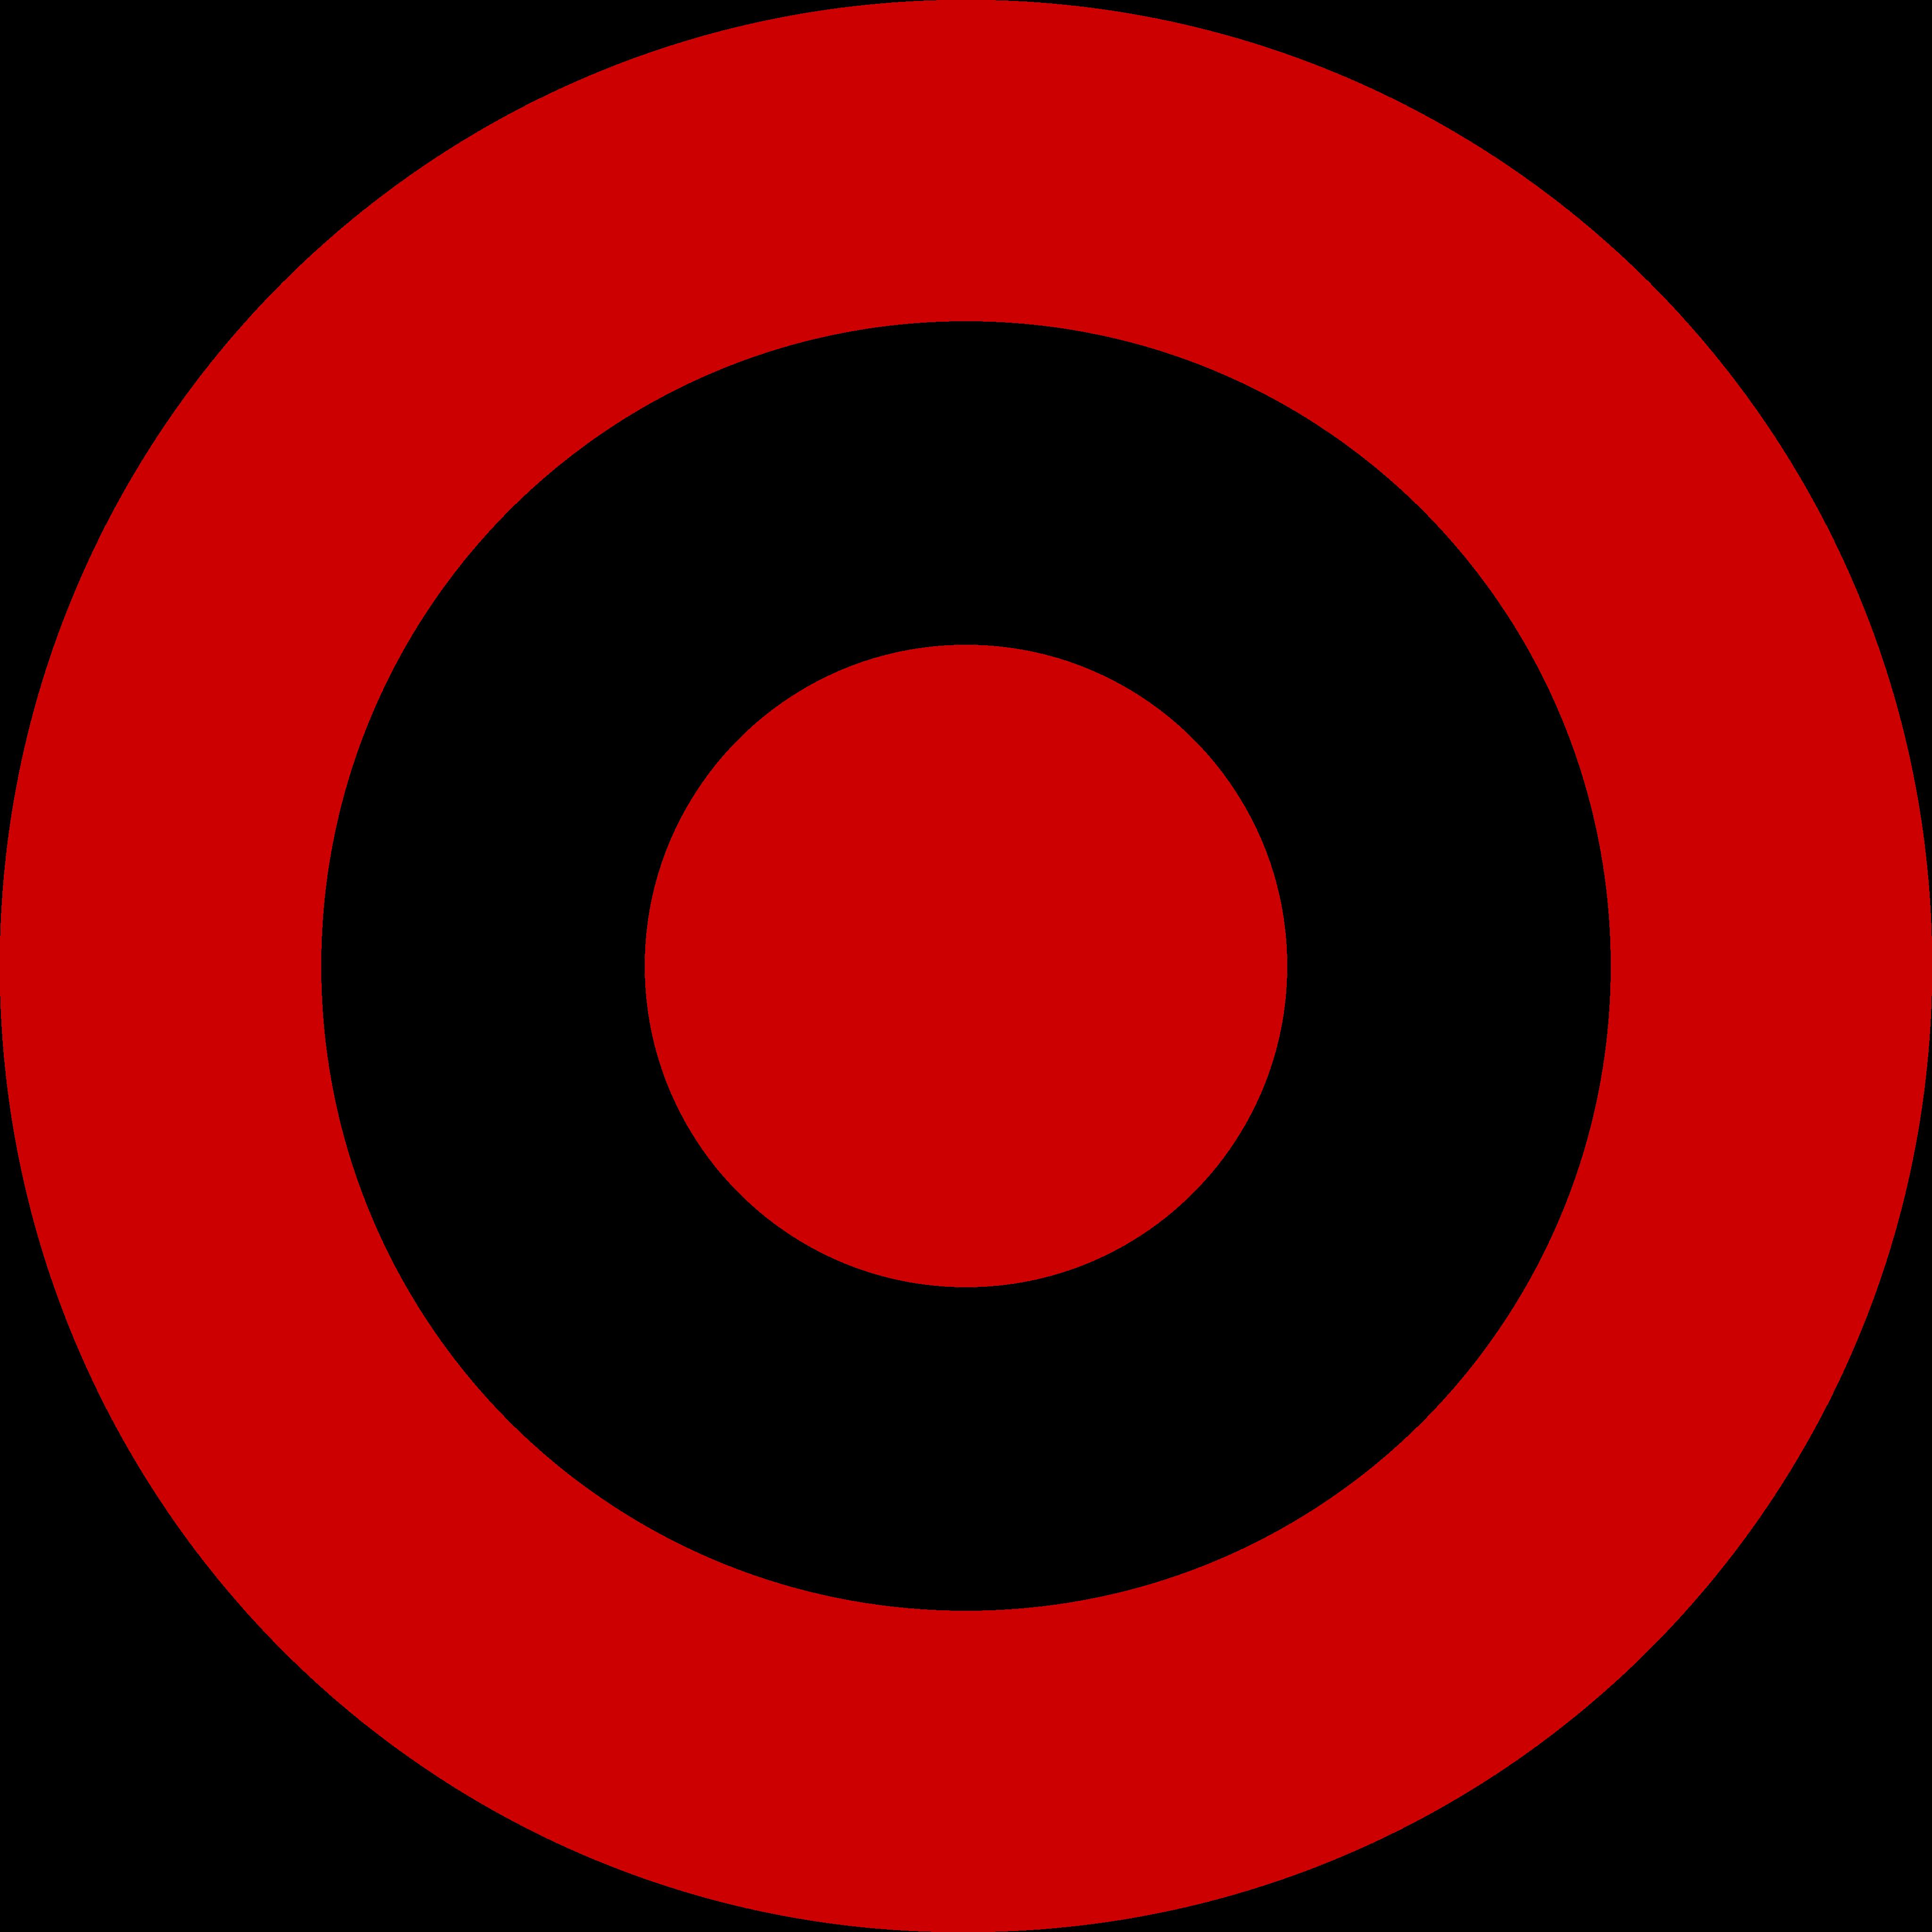 target logo 2 - Target Logo